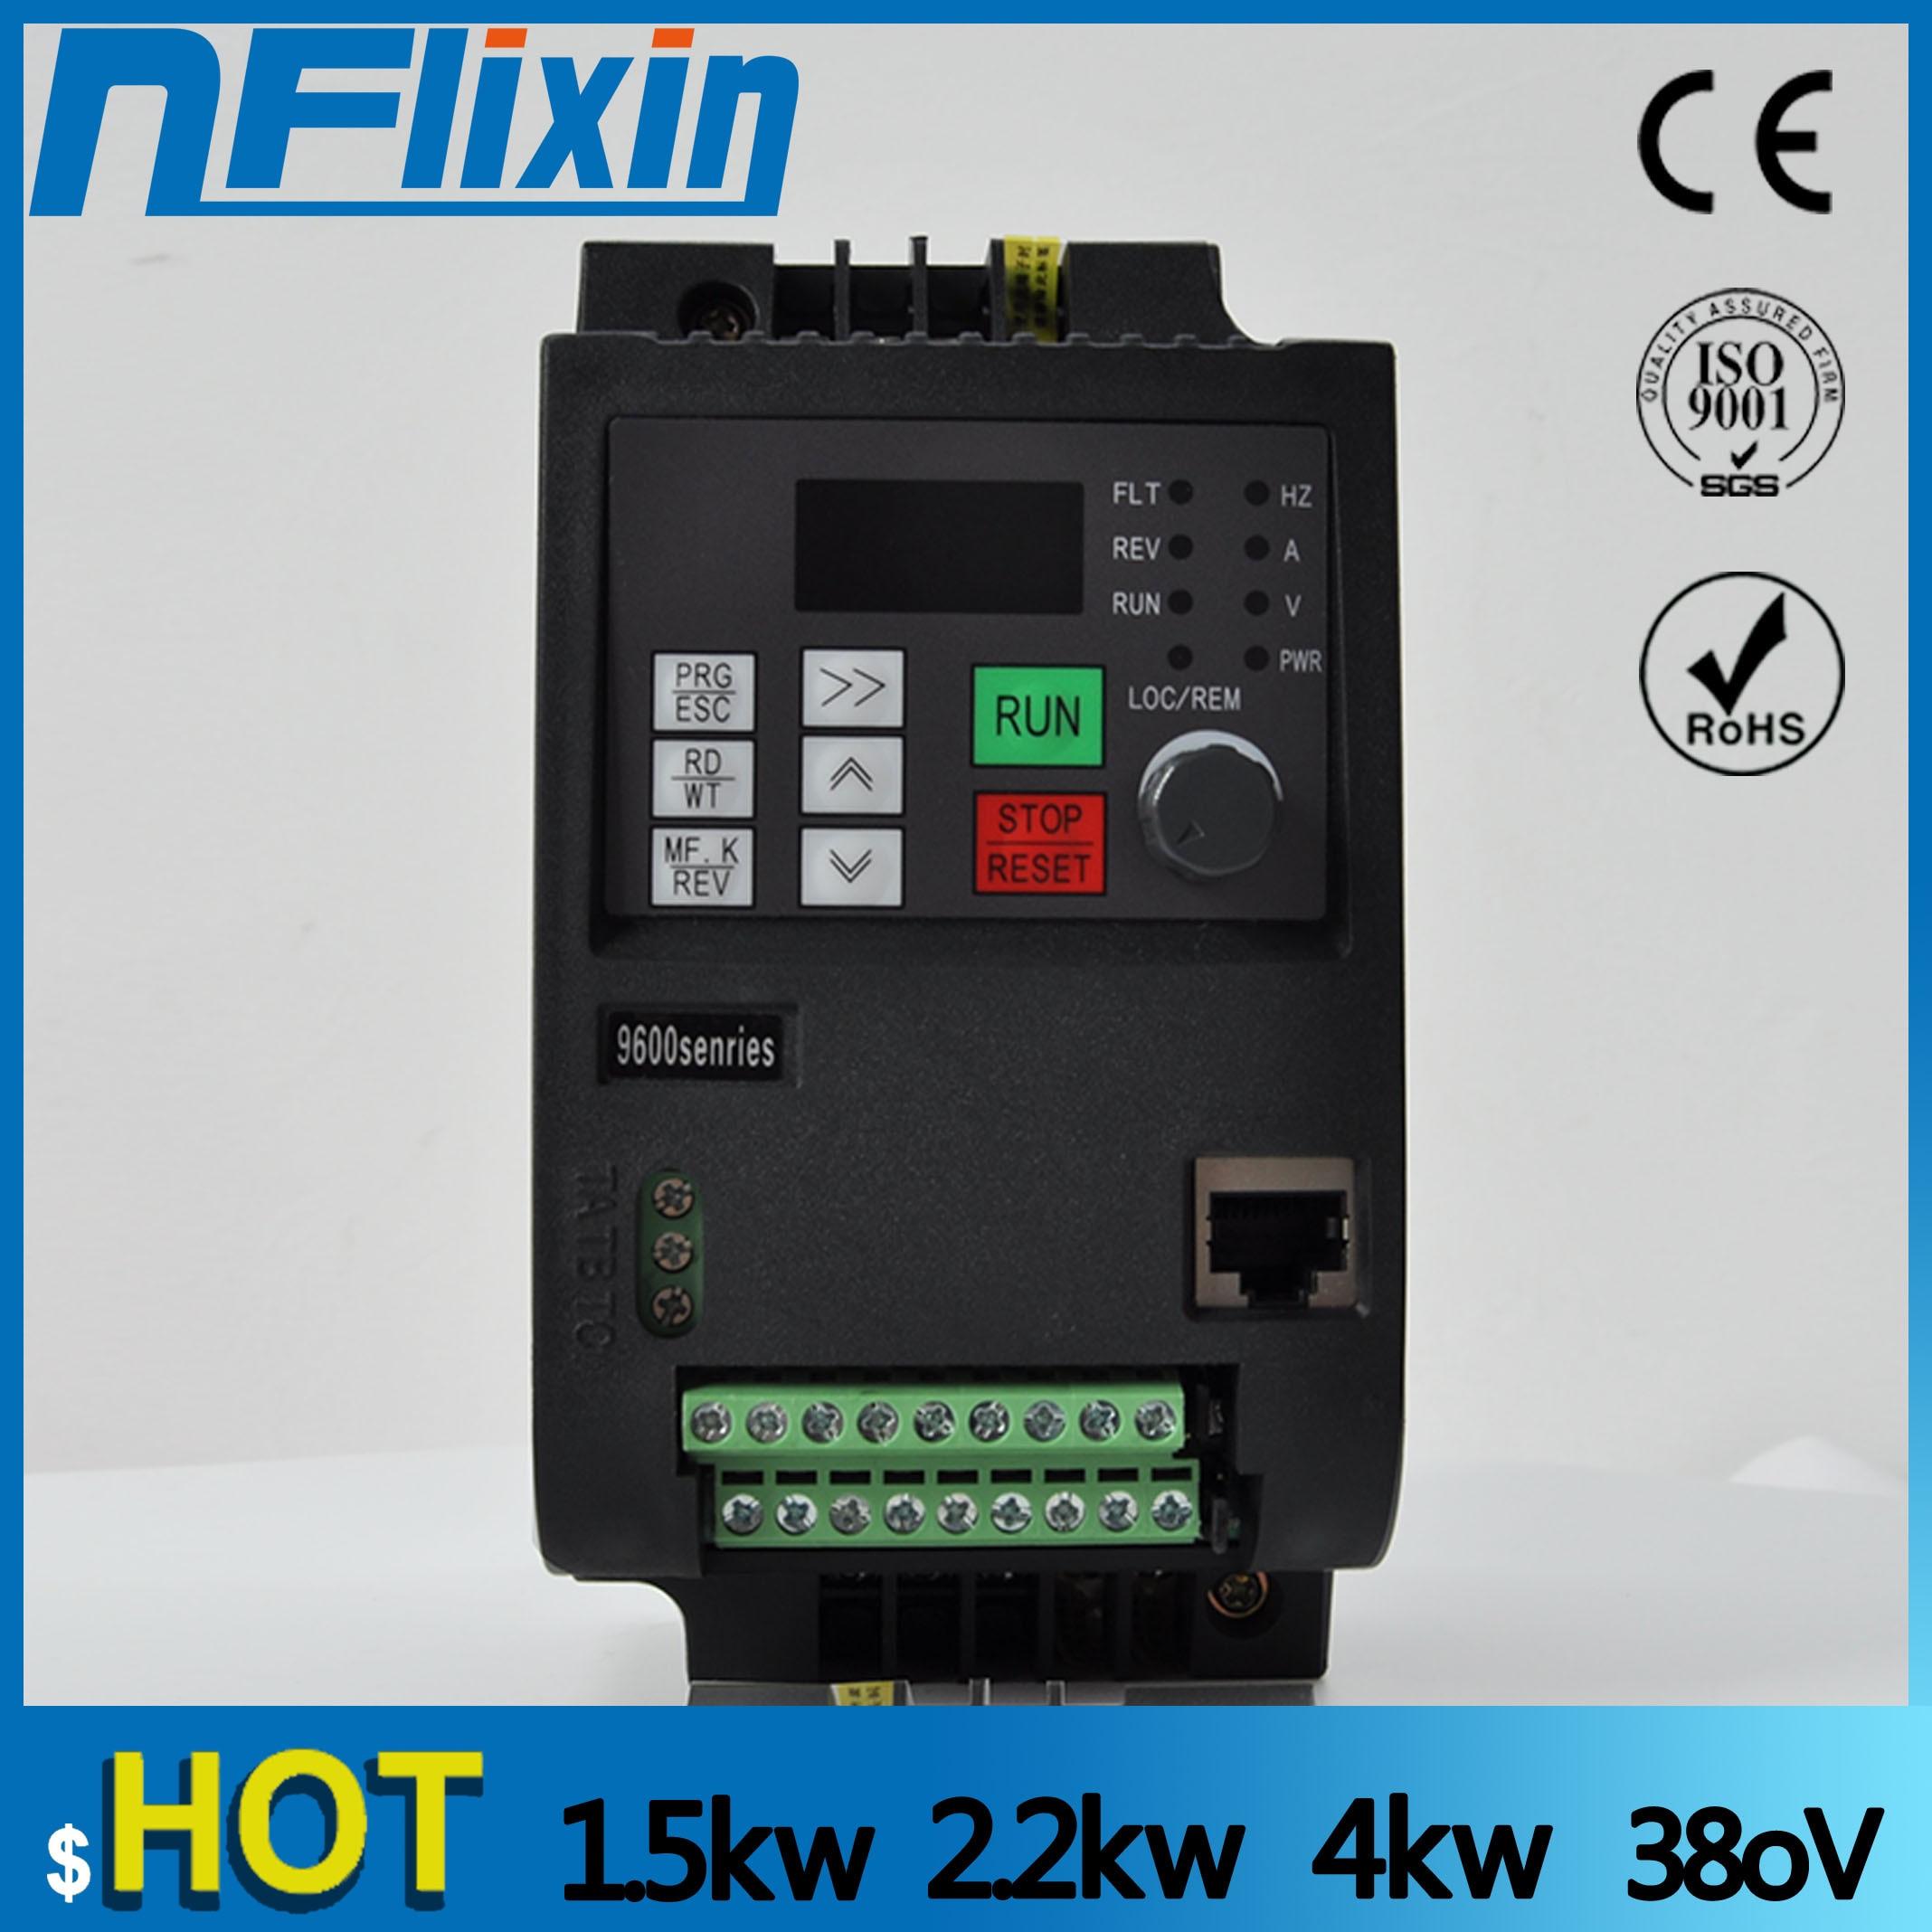 4kw 380v AC convertisseur de fréquence et convertisseur triphasé entrée 380v 3 phases sortie ac lecteurs/convertisseur de fréquence